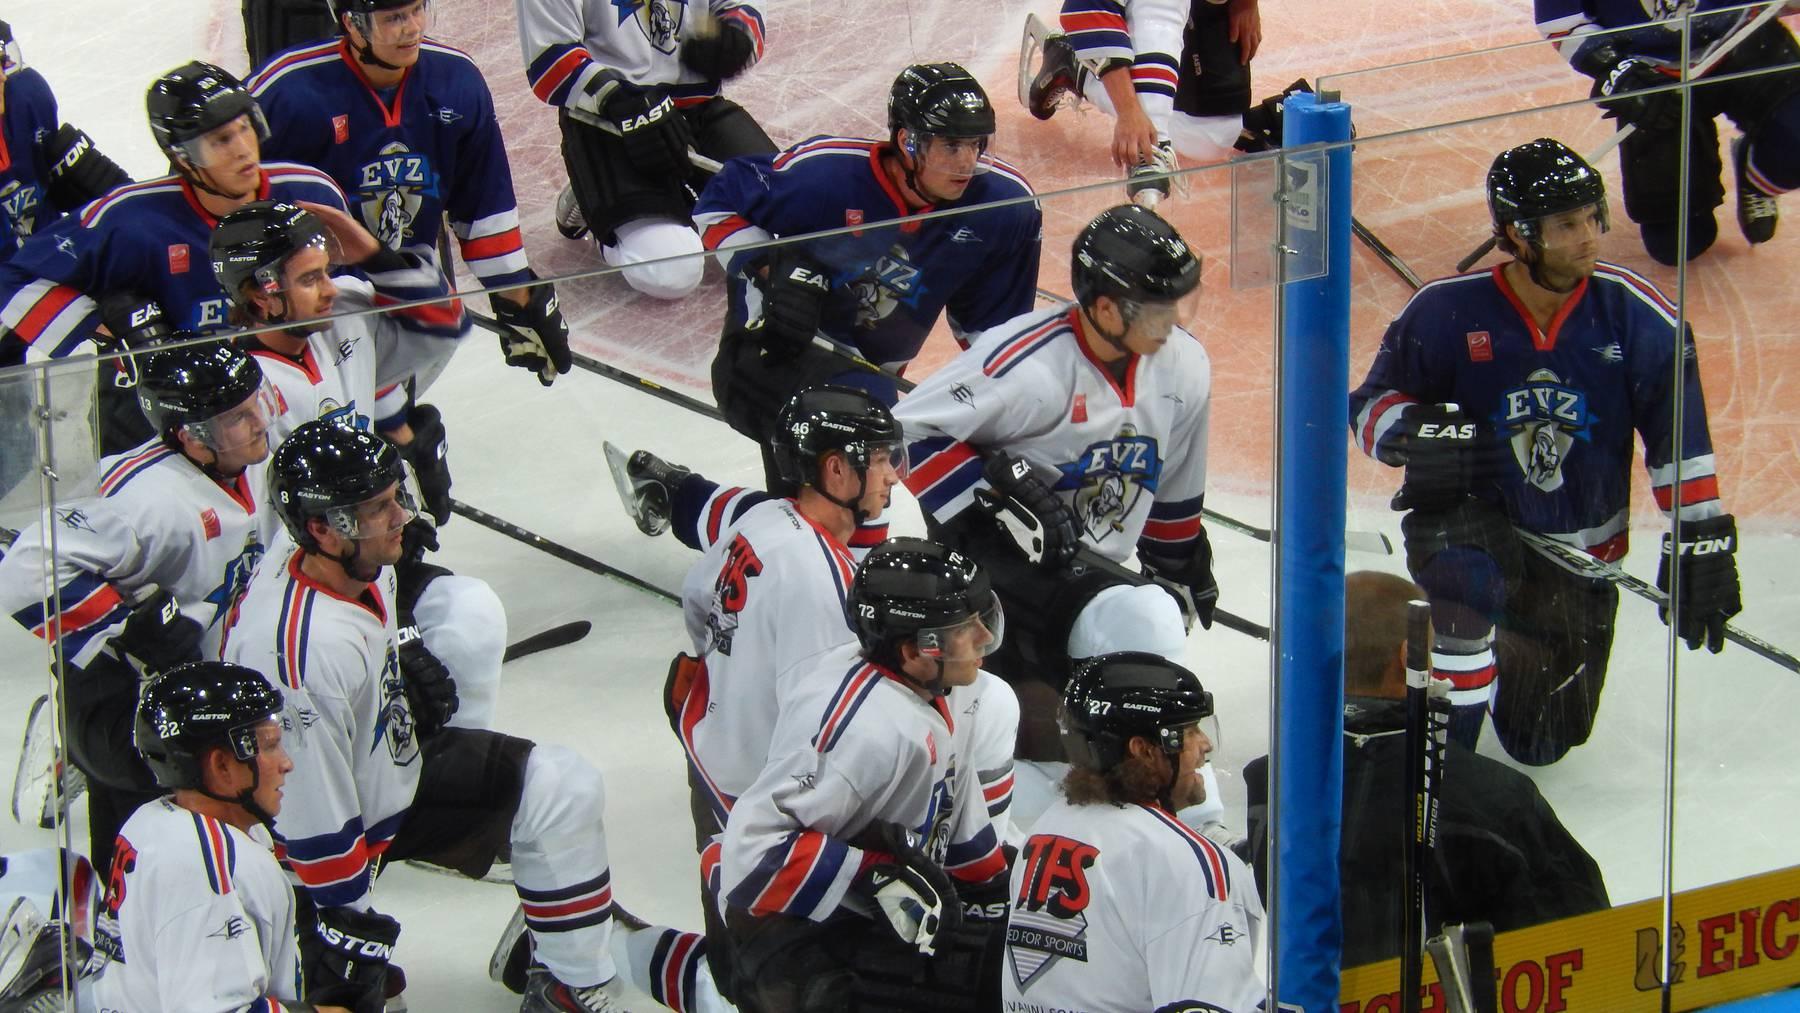 EVZ gewinnt in der Champions Hockey League